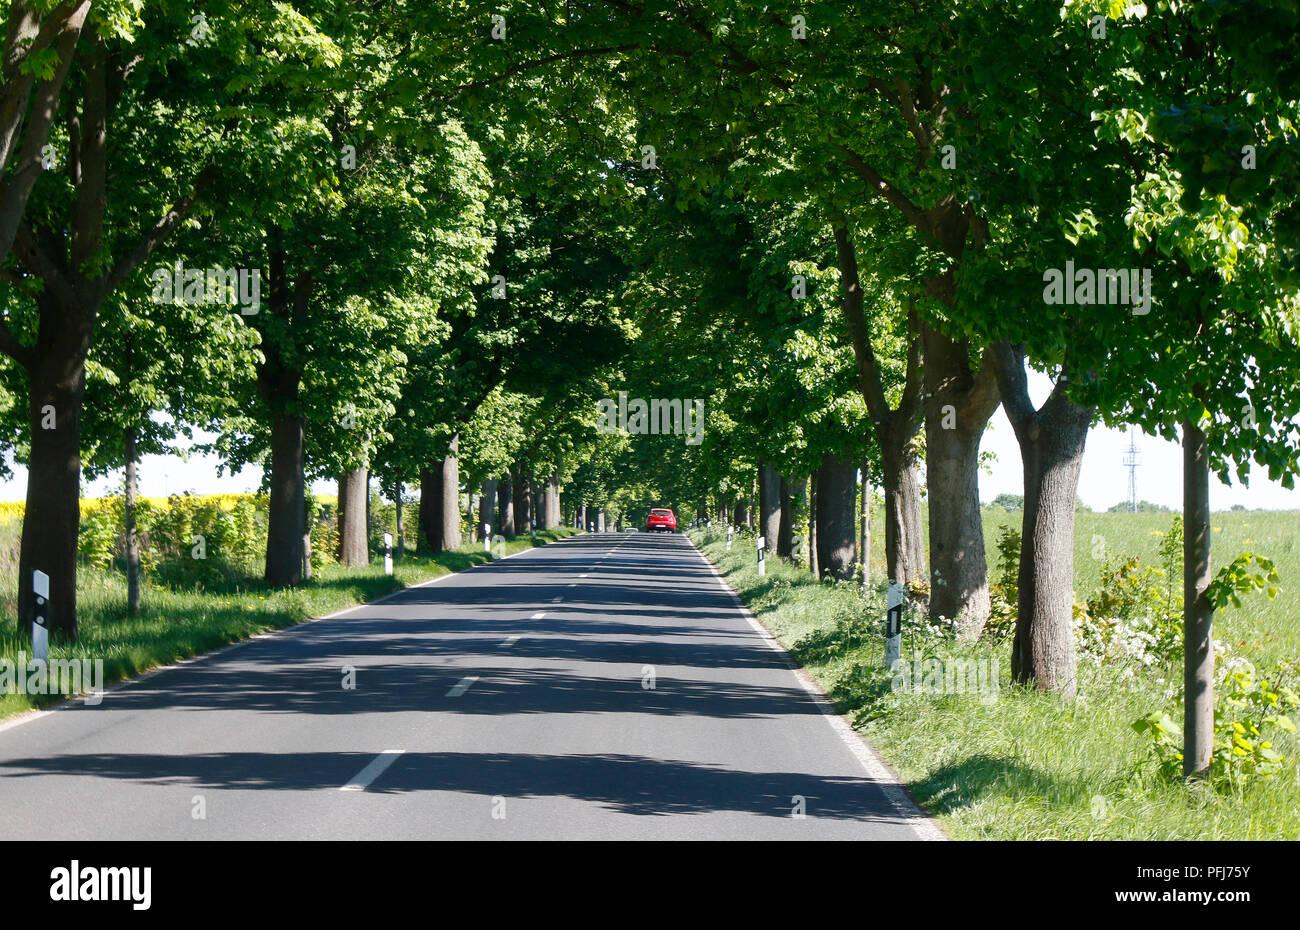 Landstrasse bei Schoenfliess, Muehlenbecker Land, Brandenburg. Stock Photo